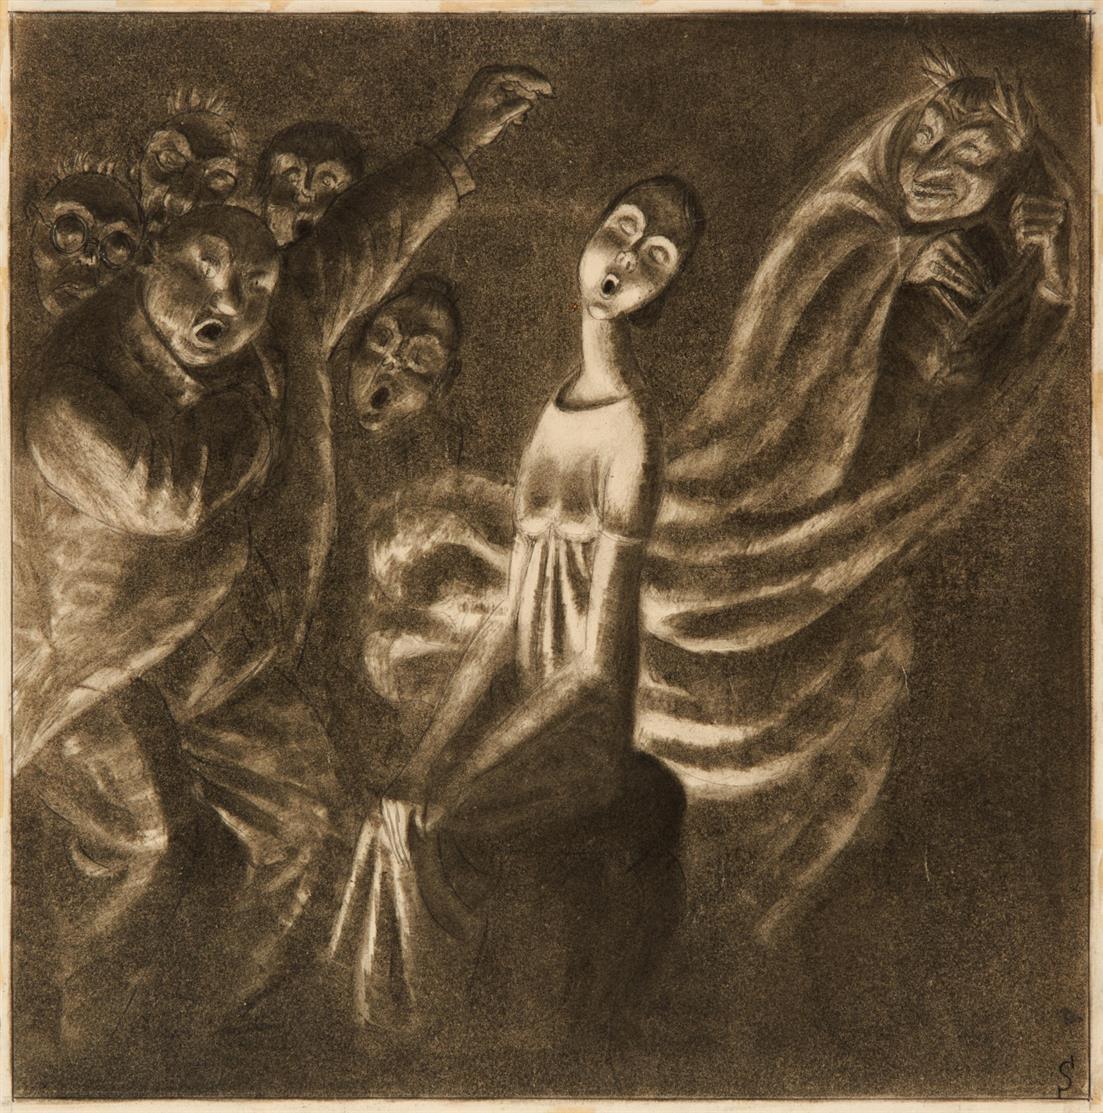 Erich Schilling. Spiritistischer Zwischenfall. 1925. Bleistift und Tuische. Monogrammiert.